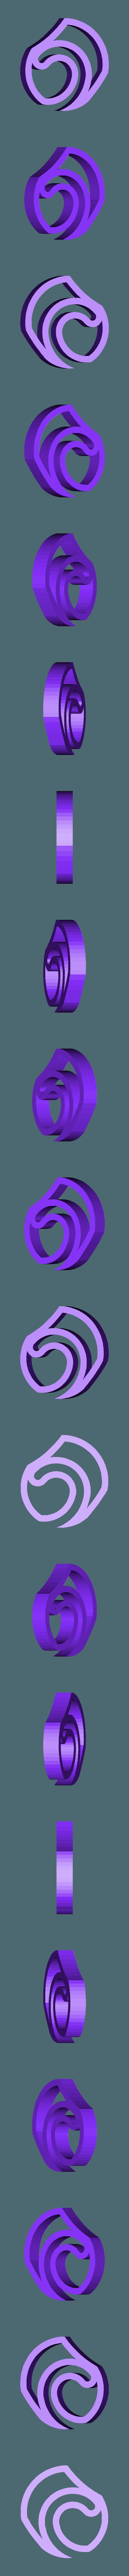 2_right_heart_rose.stl Télécharger fichier STL gratuit Coeur de Quilling imprimé en 3D • Modèle pour impression 3D, TanyaAkinora